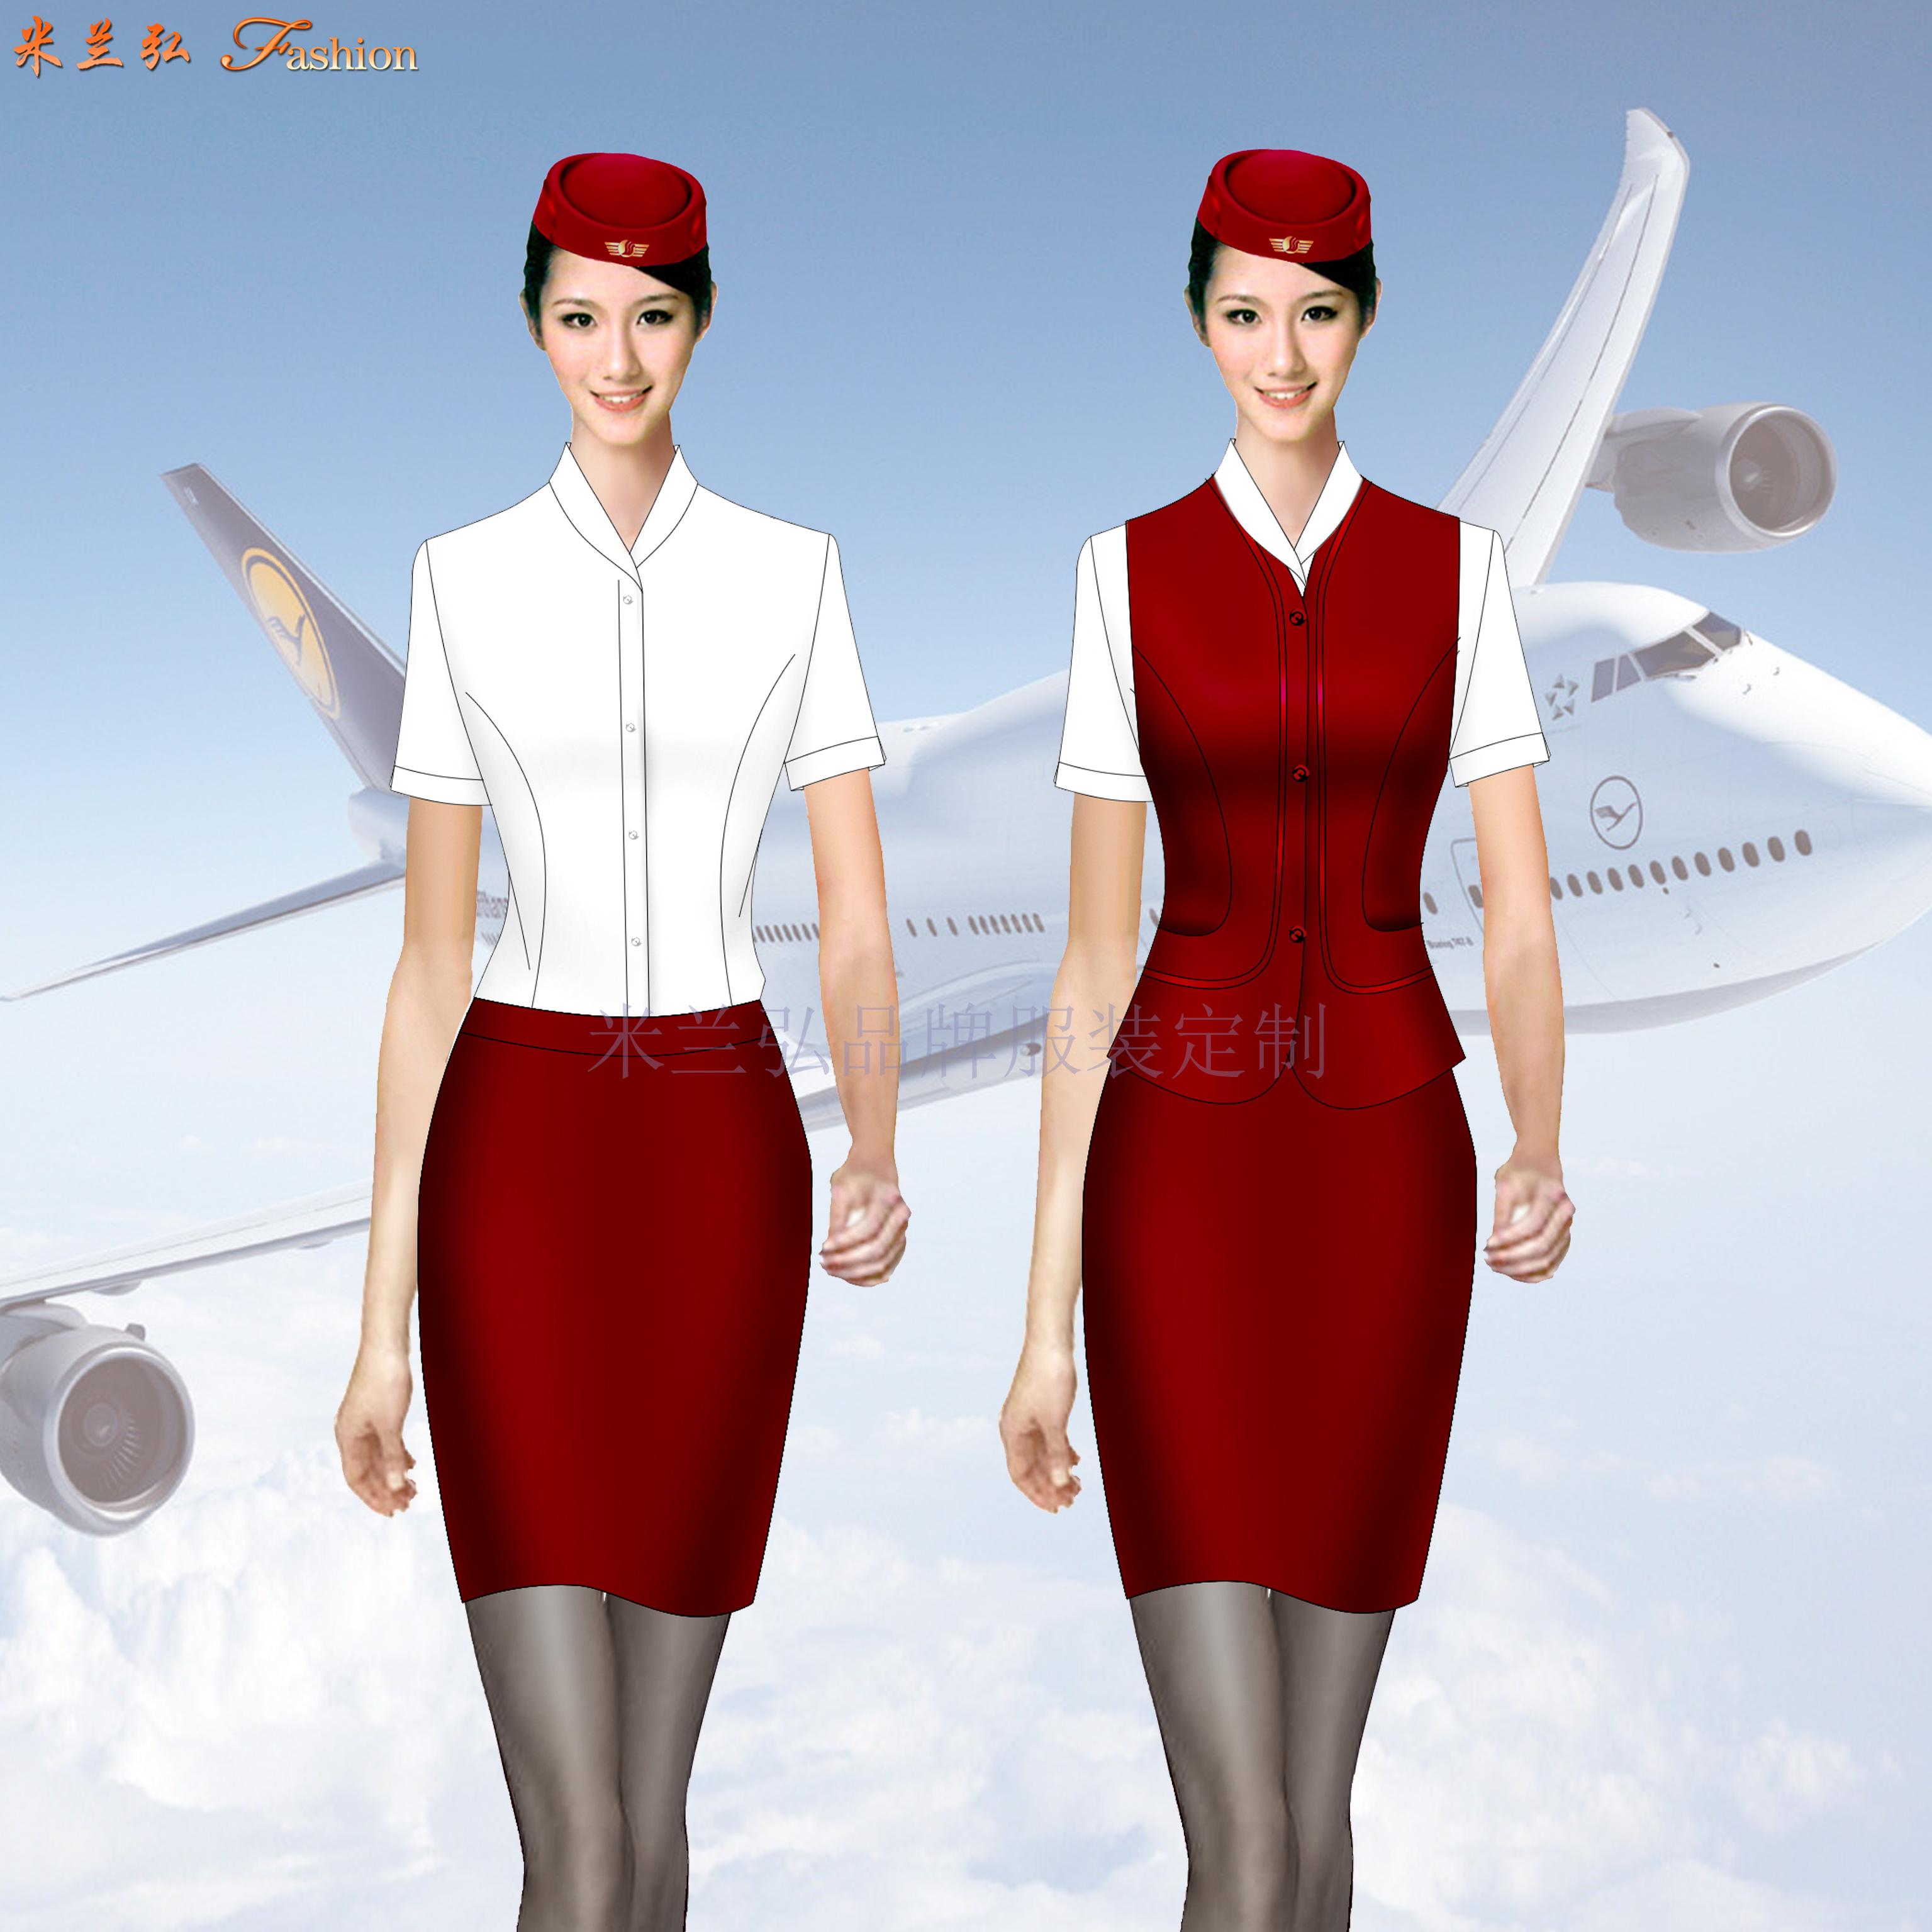 「航空服裝定制」「航空制服定做」「航空乘務服訂制」-1